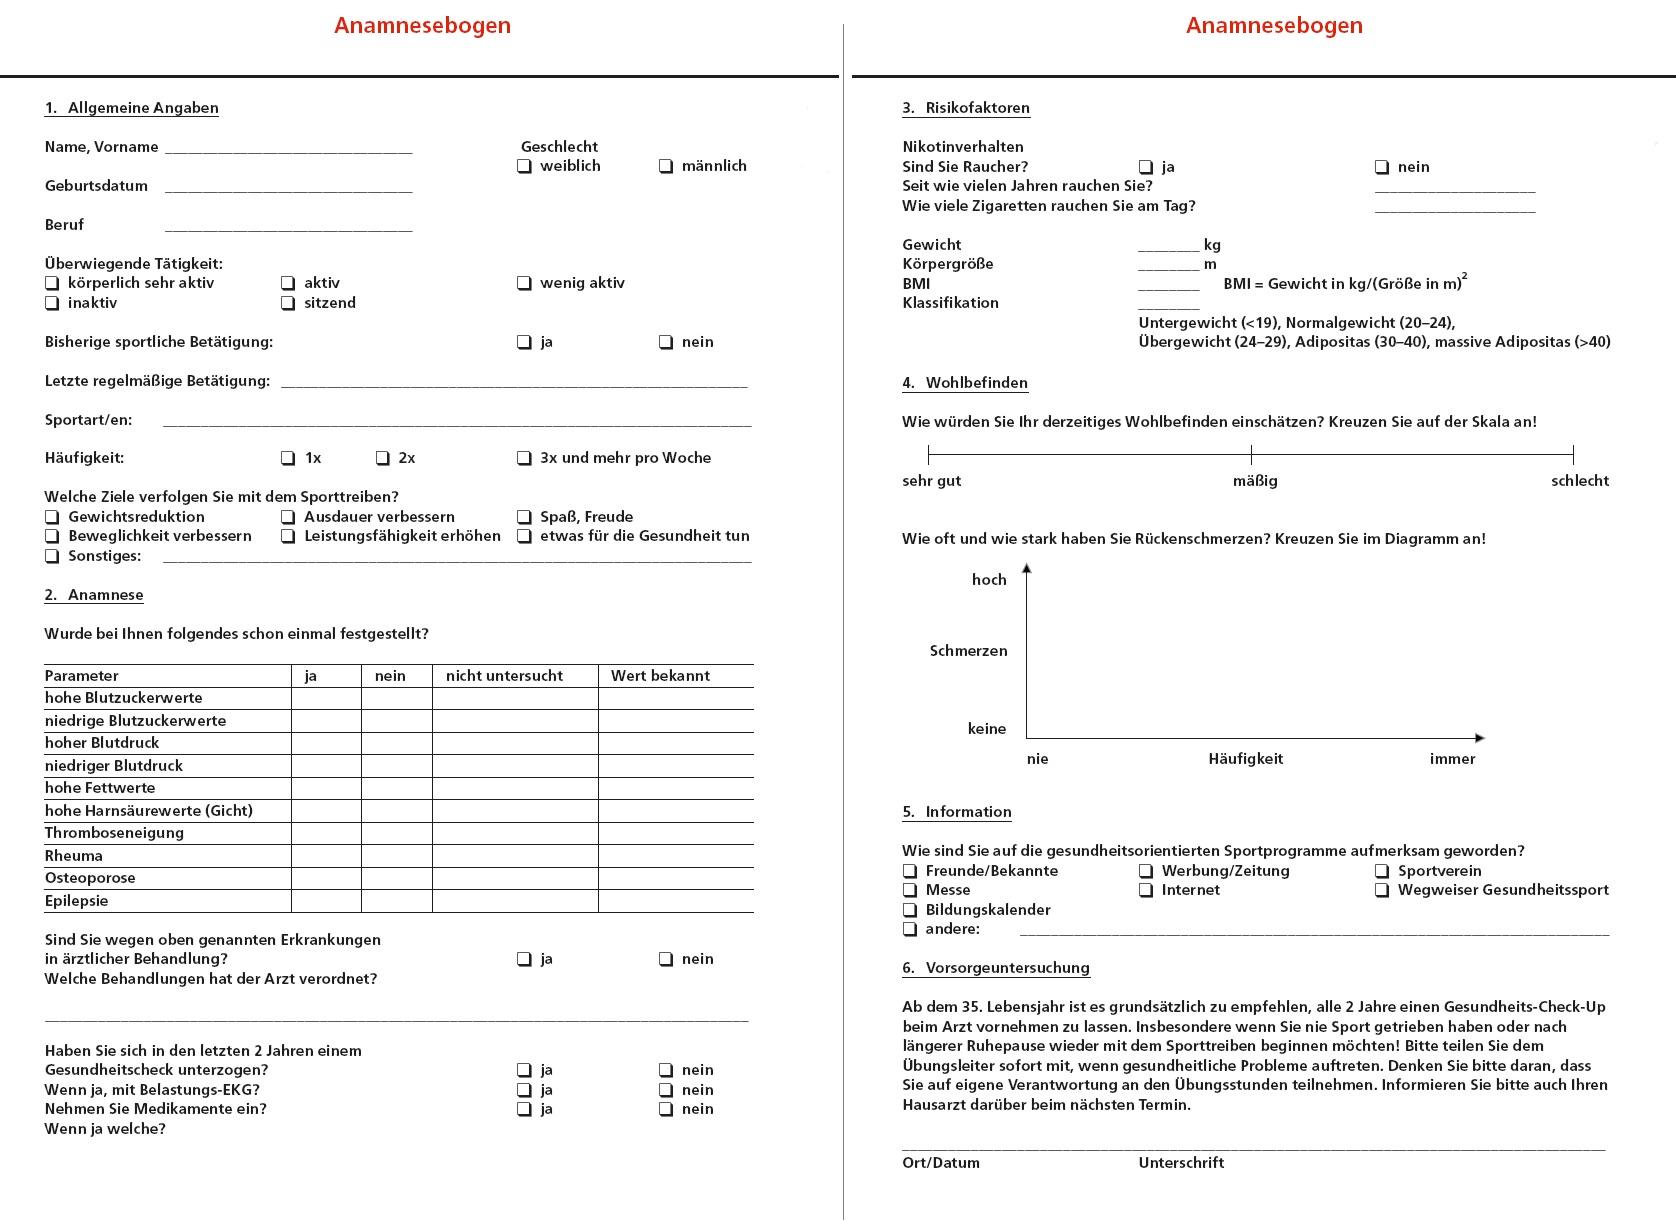 Drehgriff (c) Bilddatenbank des Landessportbundes Nordrhein-Westfalen